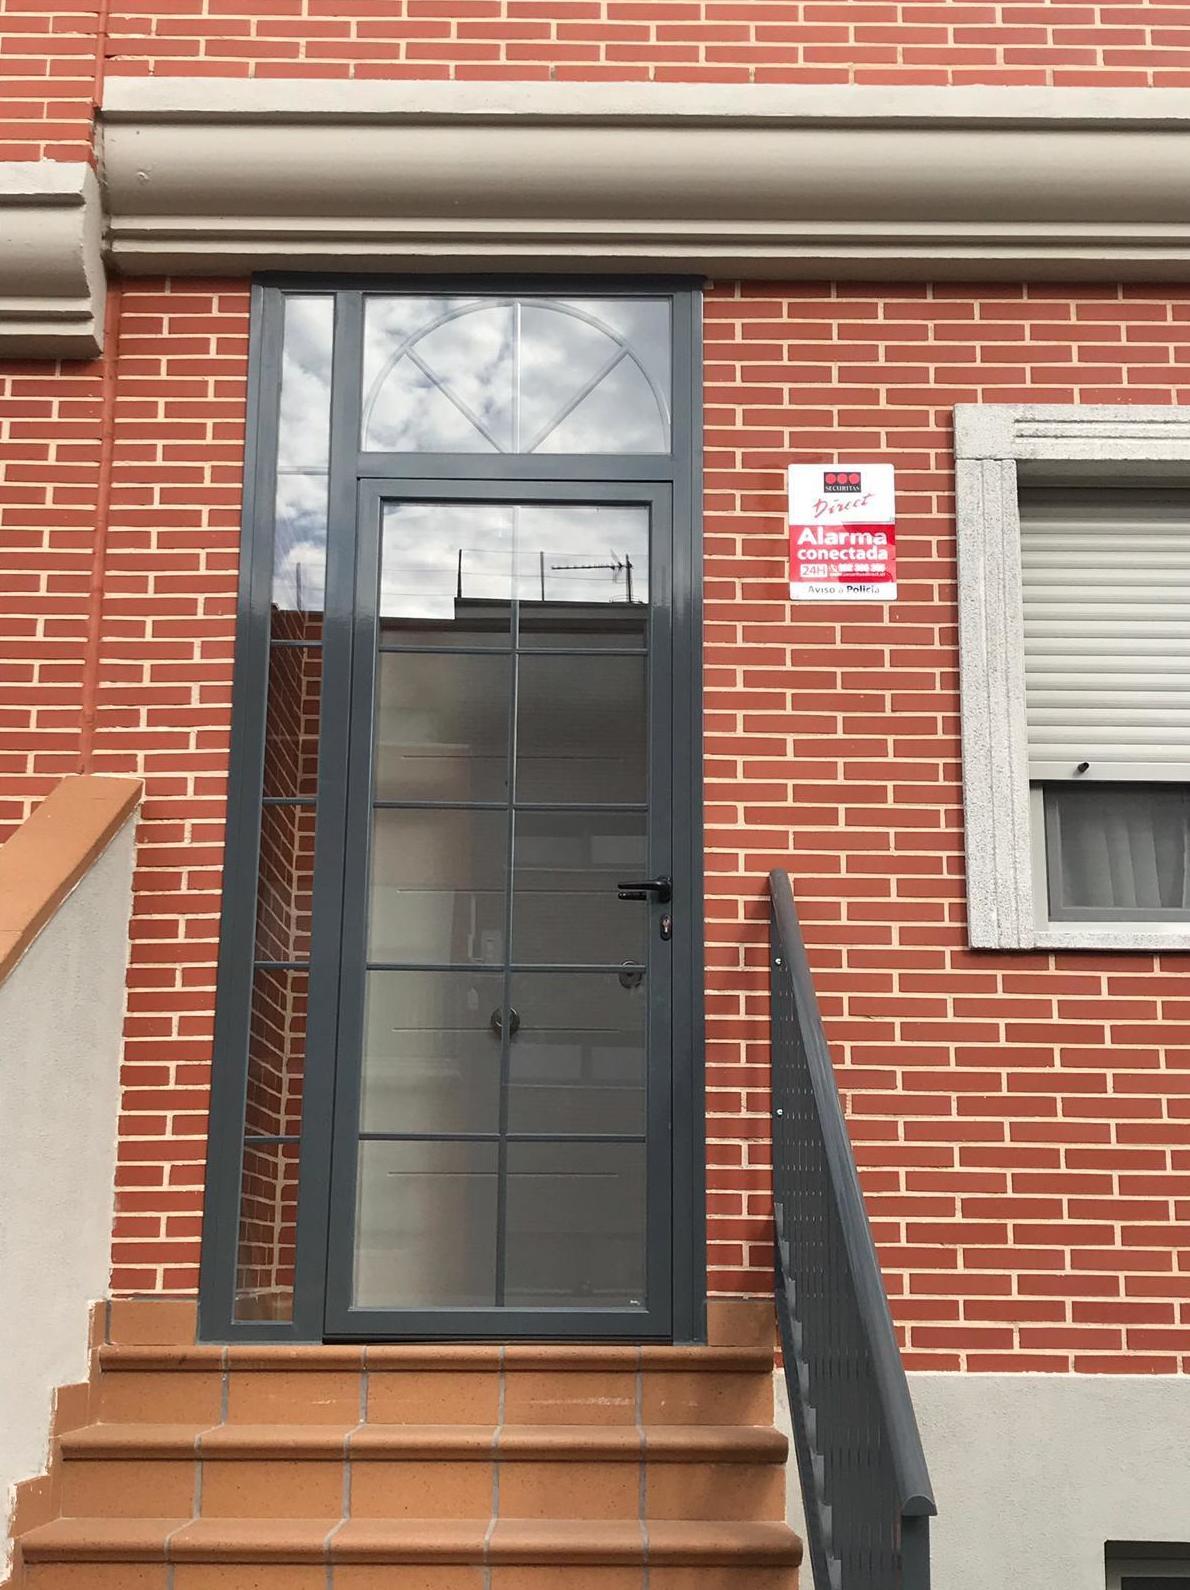 puerta para entrada en abatible de 1 hoja con fijo en la parte superior y lateral ,color ral gris , doble acristalamiento con barrotillo ingles